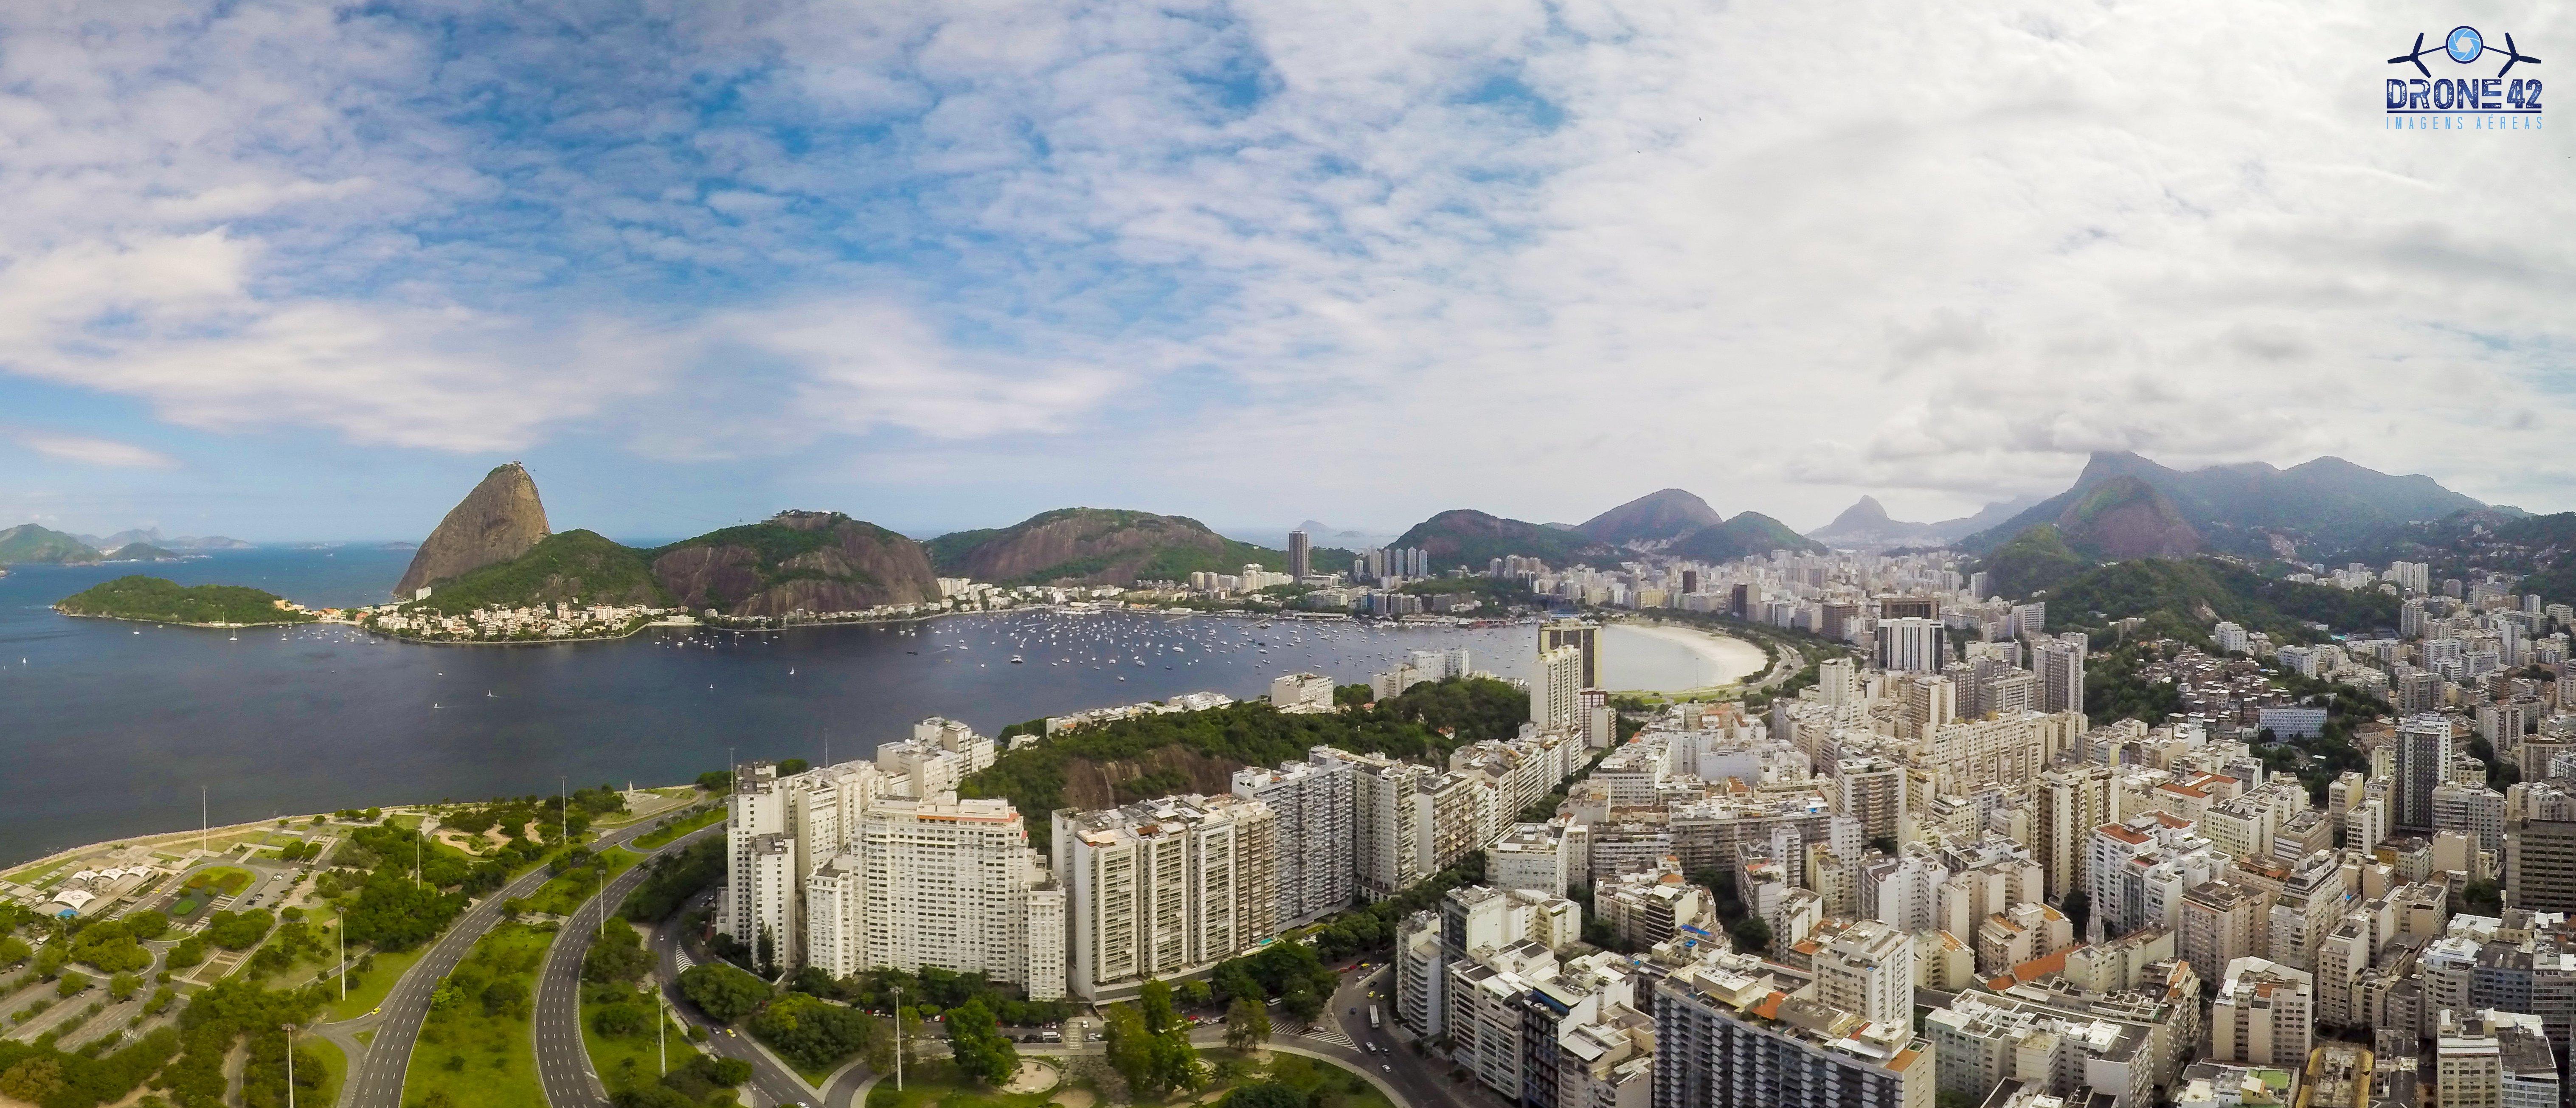 Aterro do Flamengo e Pão de Açucar – Rio de Janeiro, Brazil